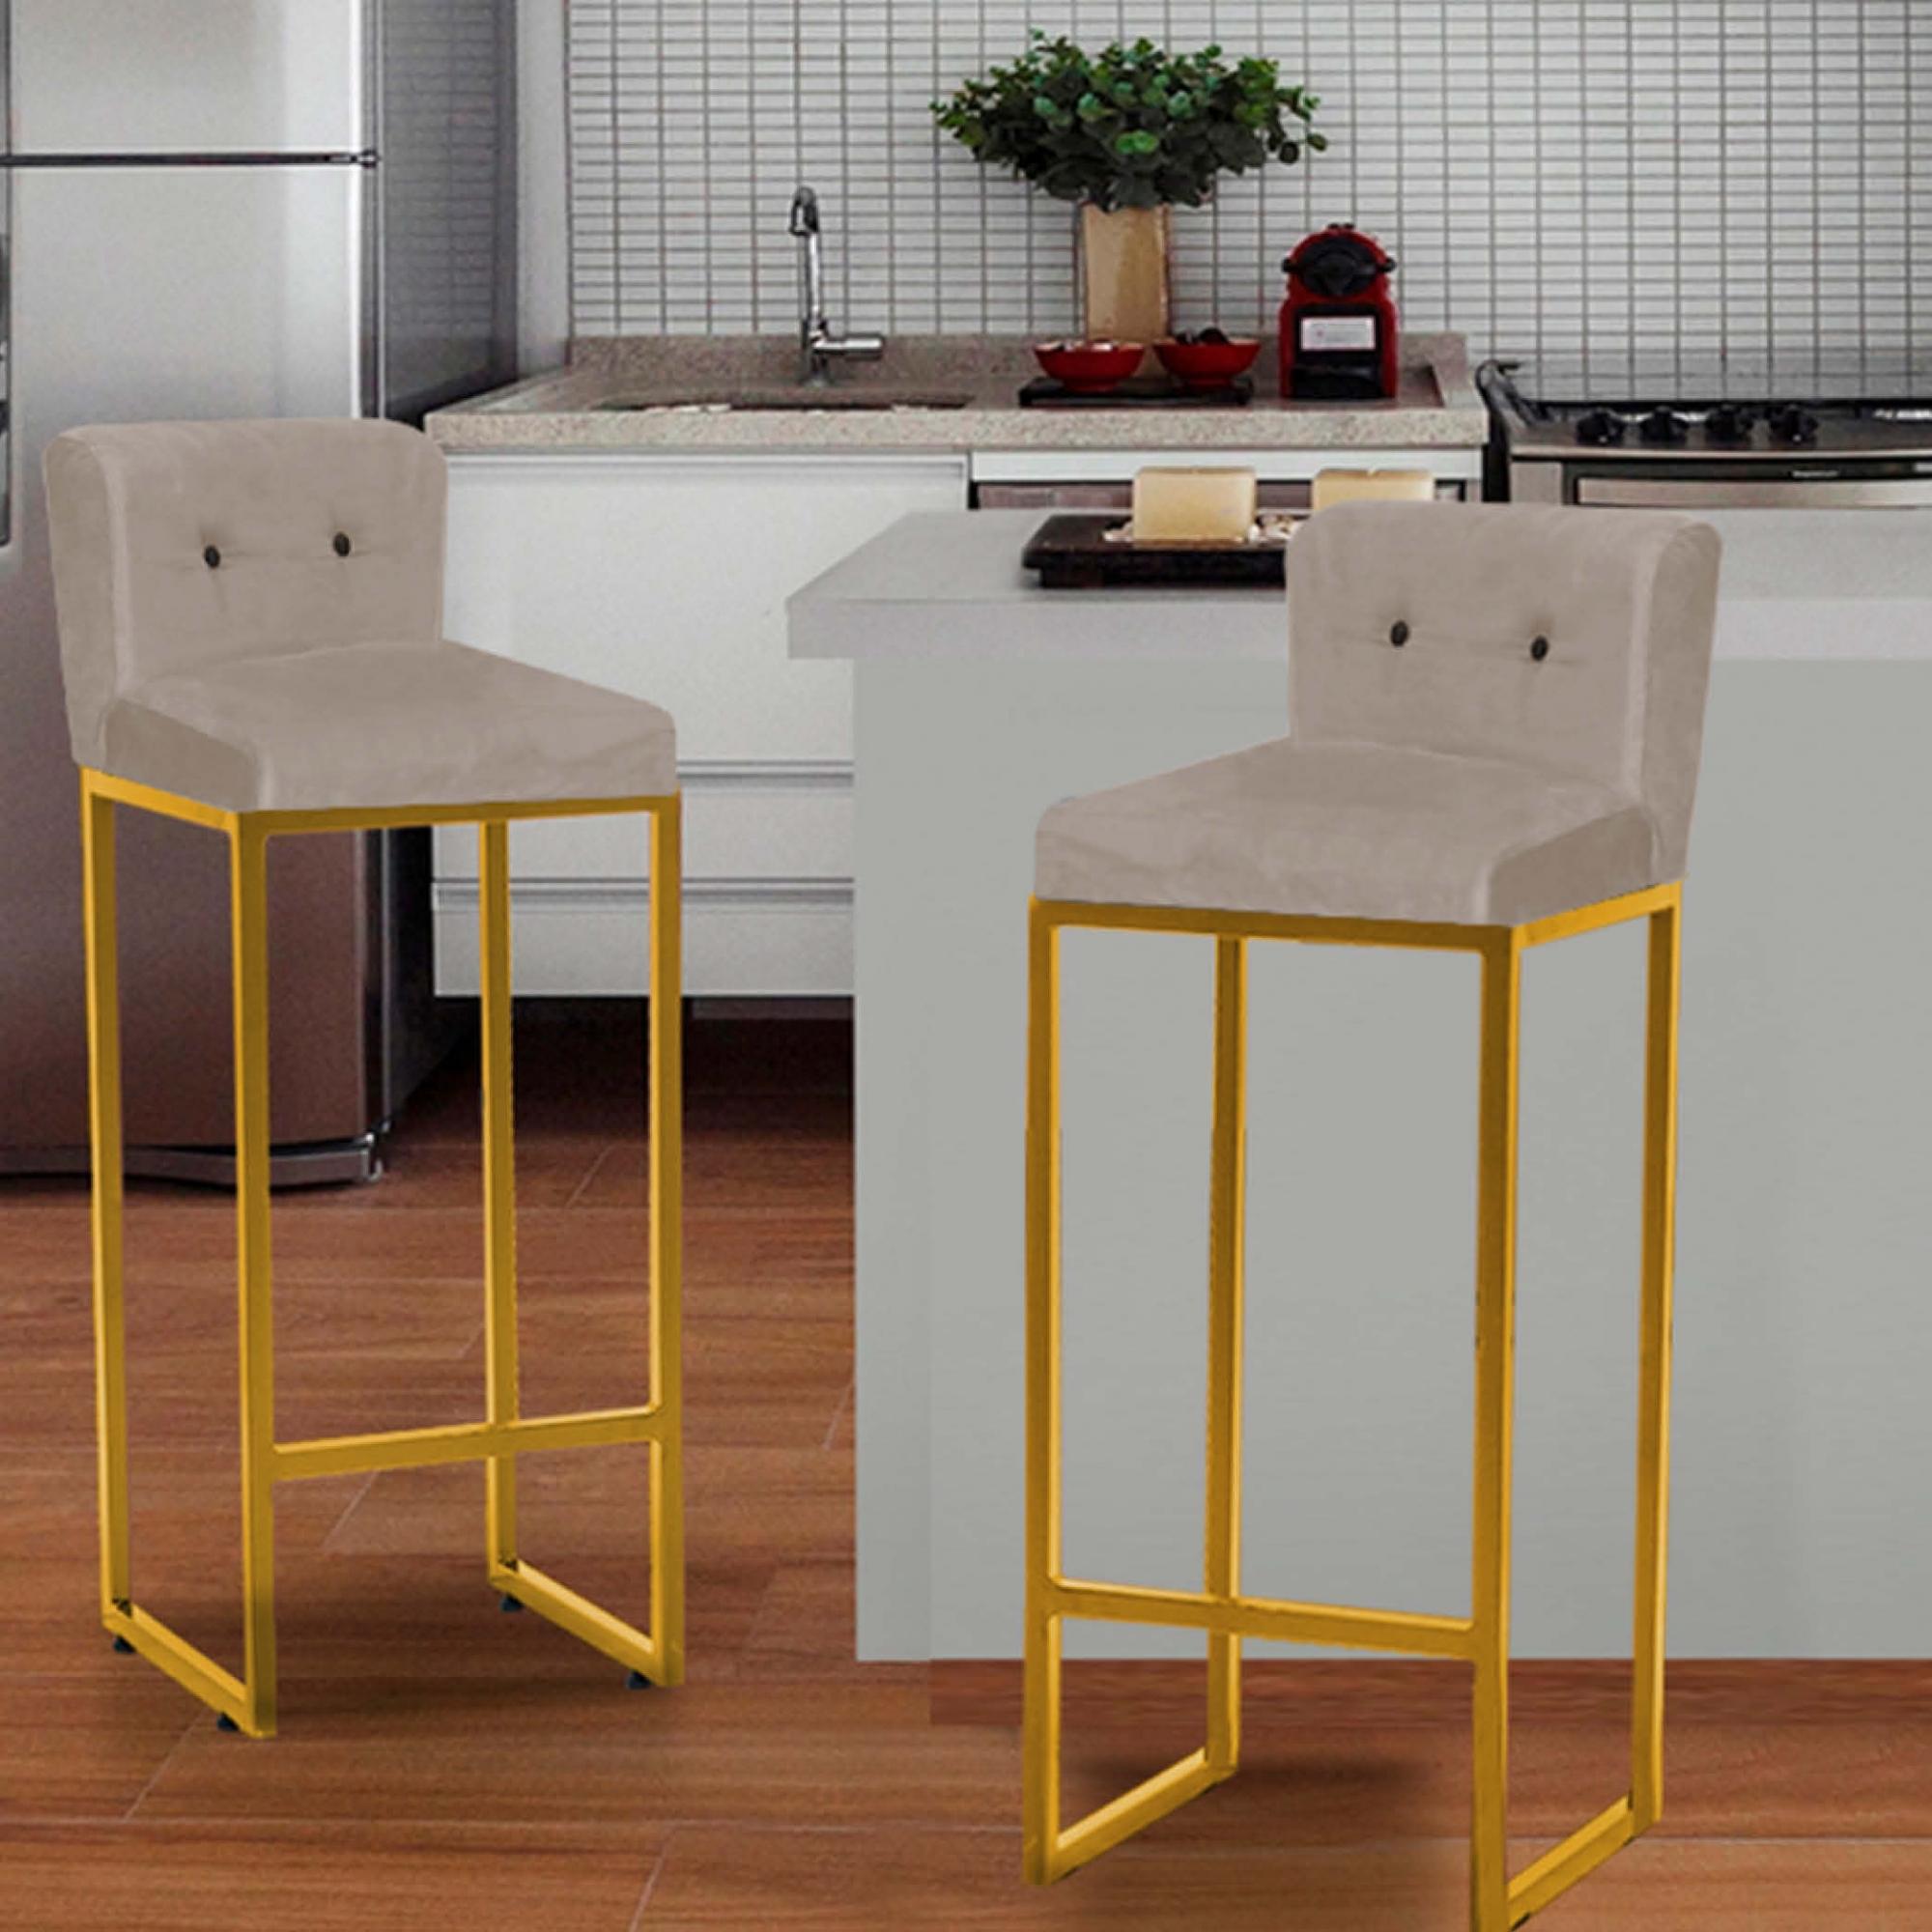 Kit 03 Banquetas Decorativa Alta Loues Tecido Sintético Bege Com Botão Preto e Encosto Para Cozinha Bar Balcão Bistrô Pé de Ferro Dourado -Bela Casa Shop